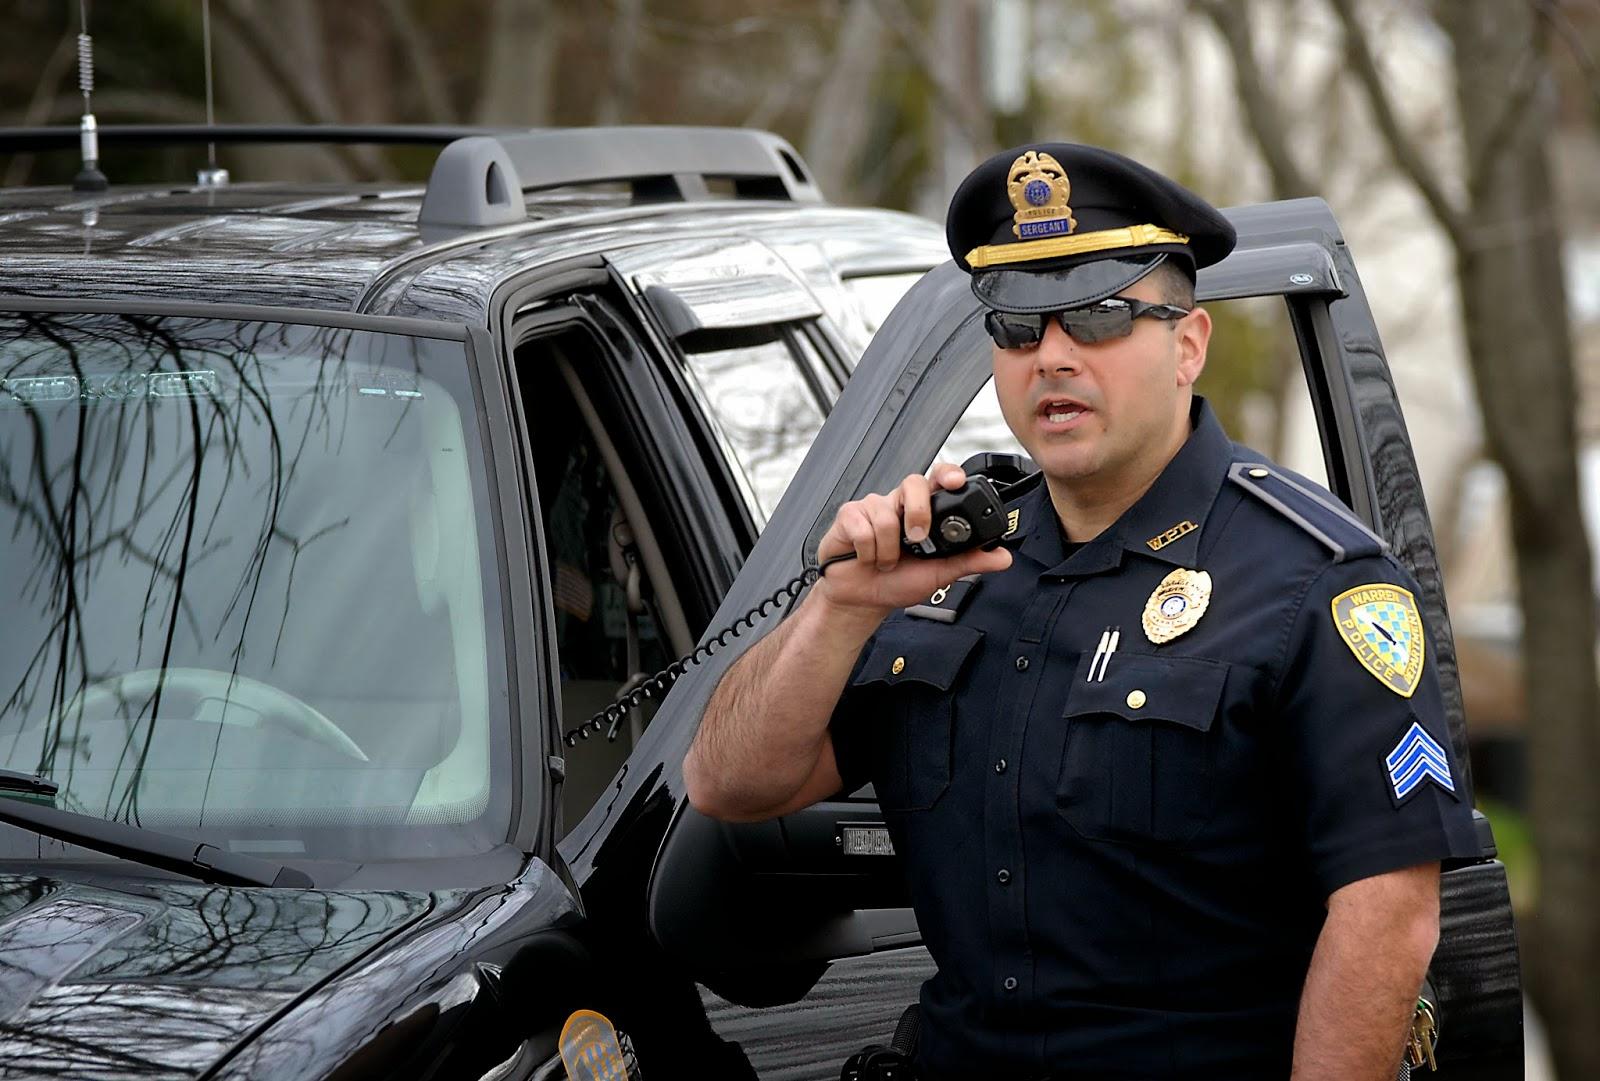 Μπαμπάς συνελήφθη επειδή πήγε να παραλάβει τα παιδιά του από το σχολείο..χωρίς αυτοκίνητο!